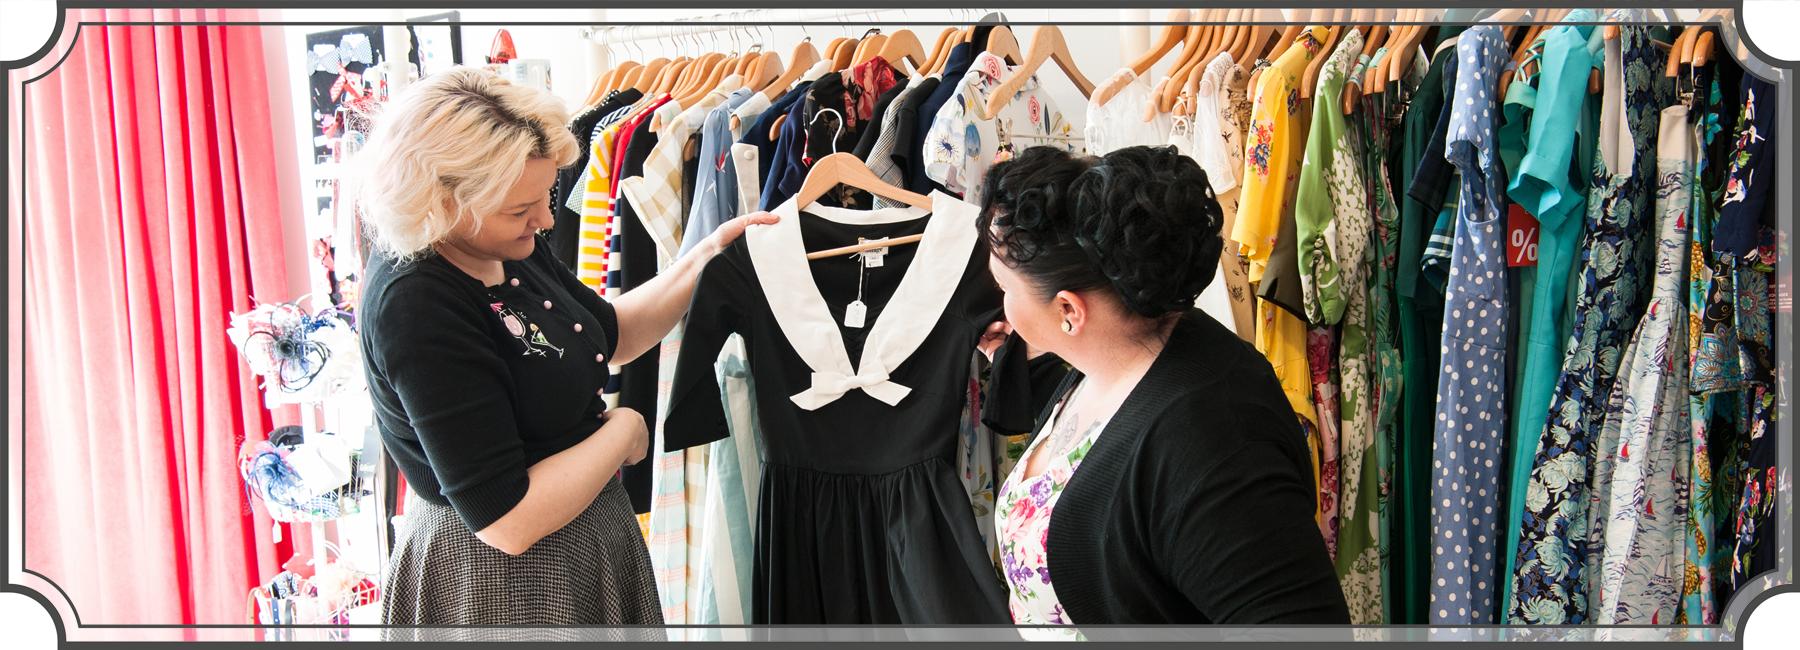 Was ist Ihr liebster Vintage-Look? Wir modernen Ladies haben den Vorteil, dass wir frei aus den Mode-Epochen vergangener Zeiten auswählen können, um unseren persönlichen Stil zu finden.